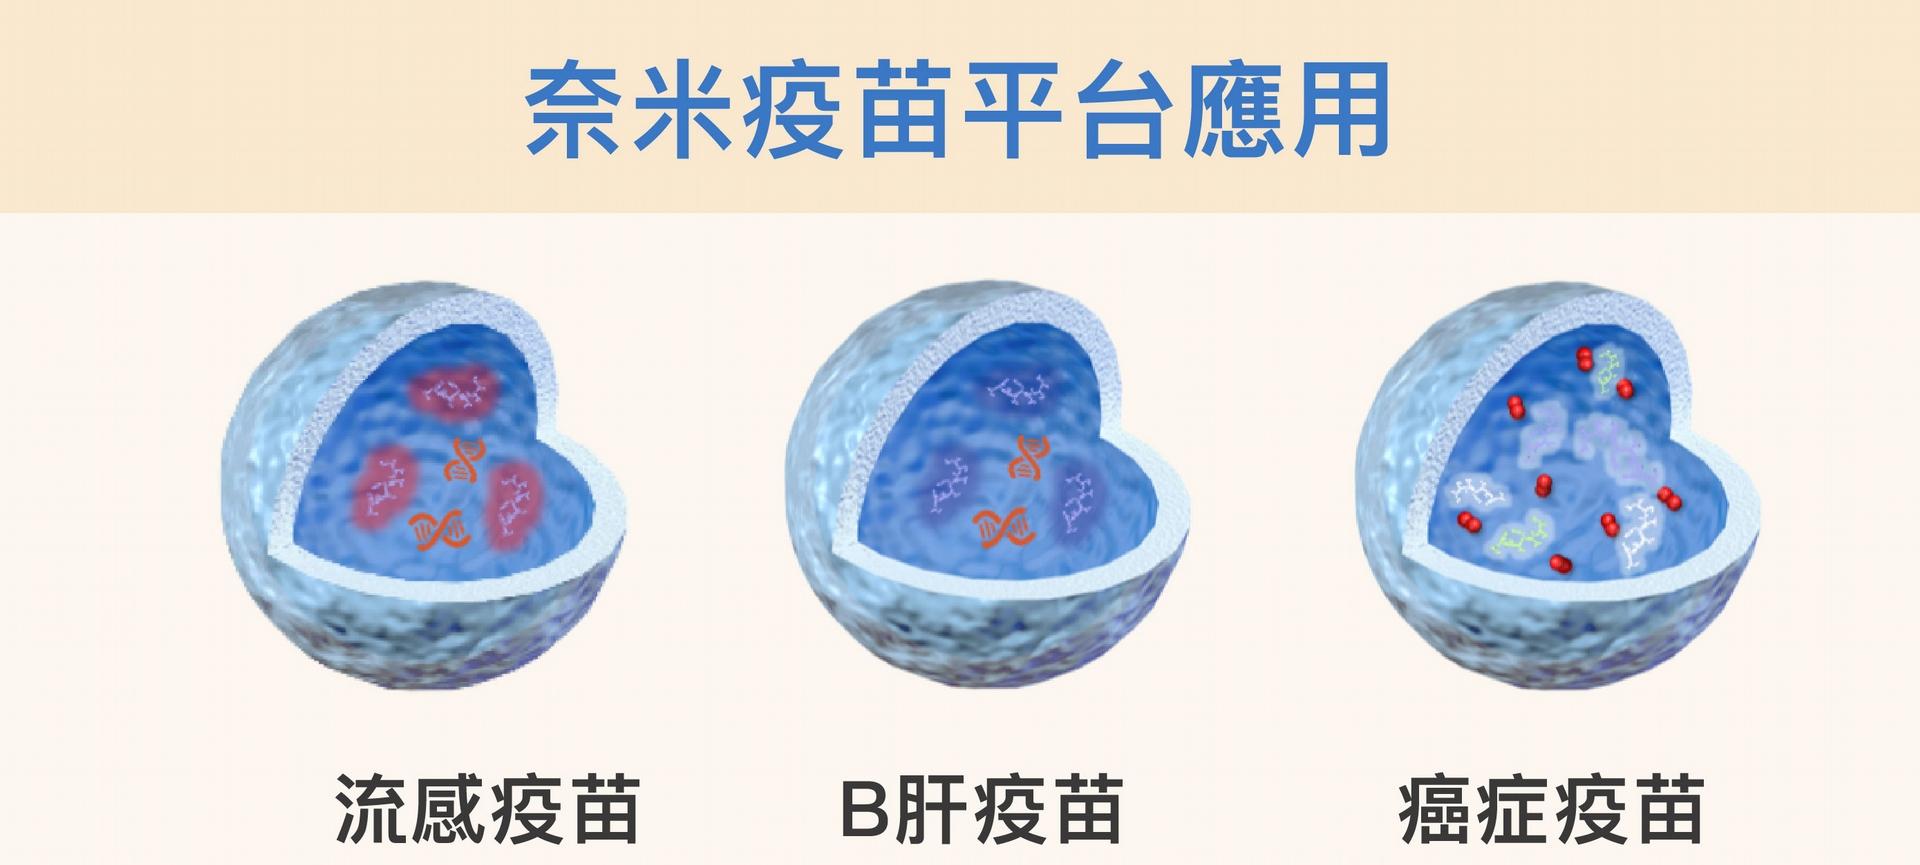 改變薄殼中空奈米粒子的外殼,並在裡頭放入不同的佐劑或藥物,就可能開發出流感、B肝或癌症等等不同疫苗。<br> 資料來源│胡哲銘 <br>圖說美化│林洵安